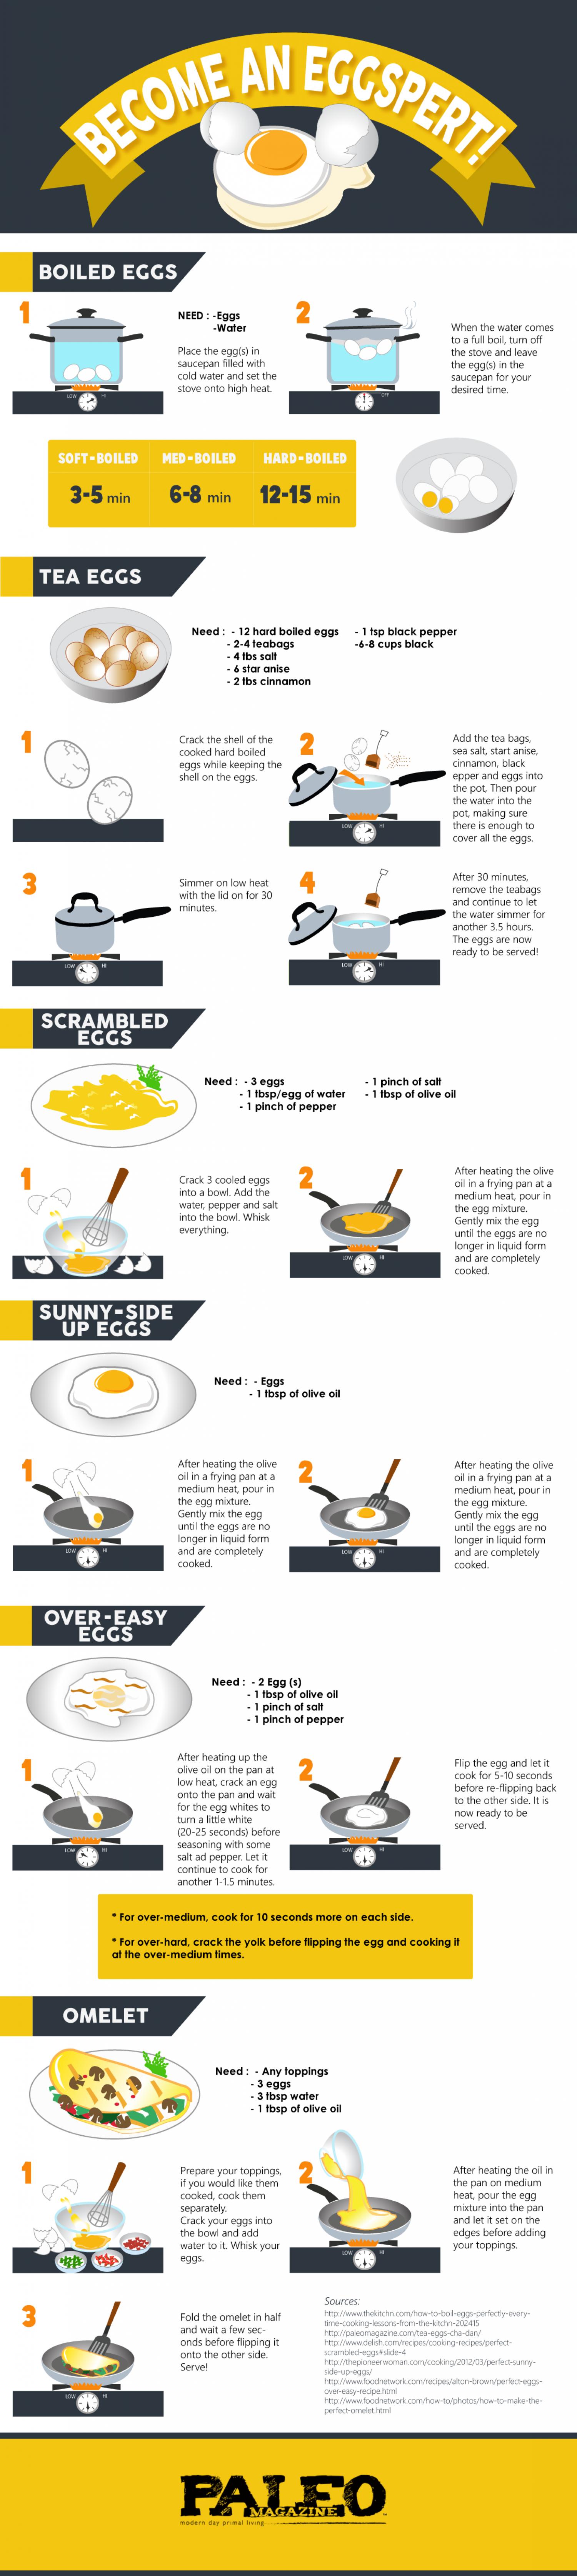 Become An Eggspert